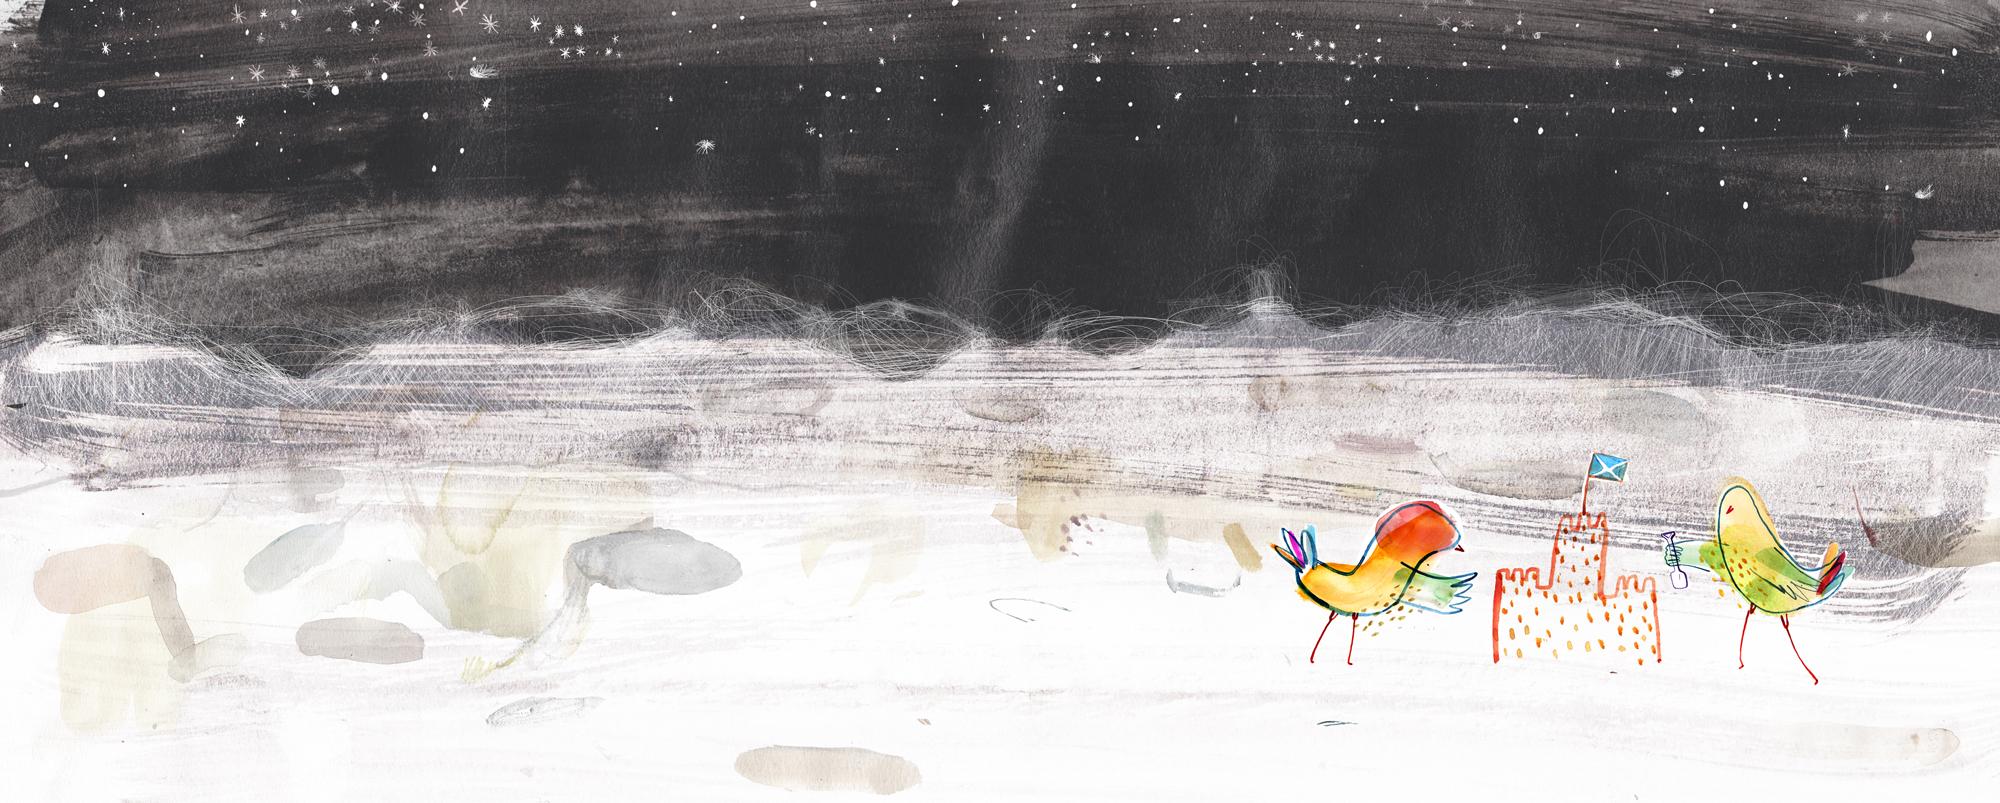 6) The_Moon_52x 21cm_digital_watercolour.jpg